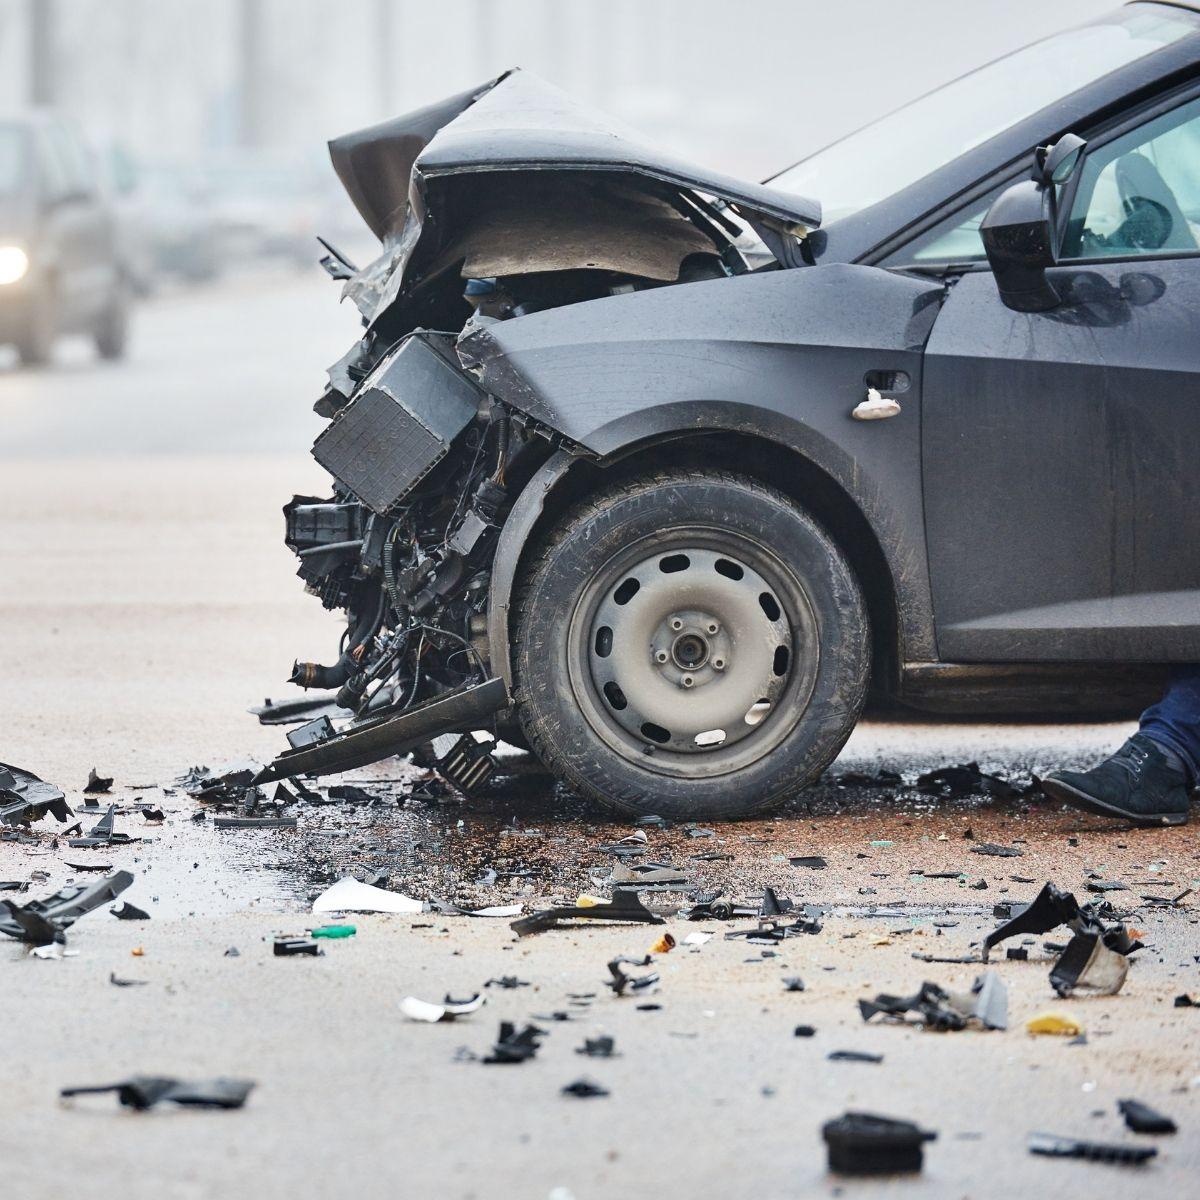 עזרה ראשונה בתאונות דרכים